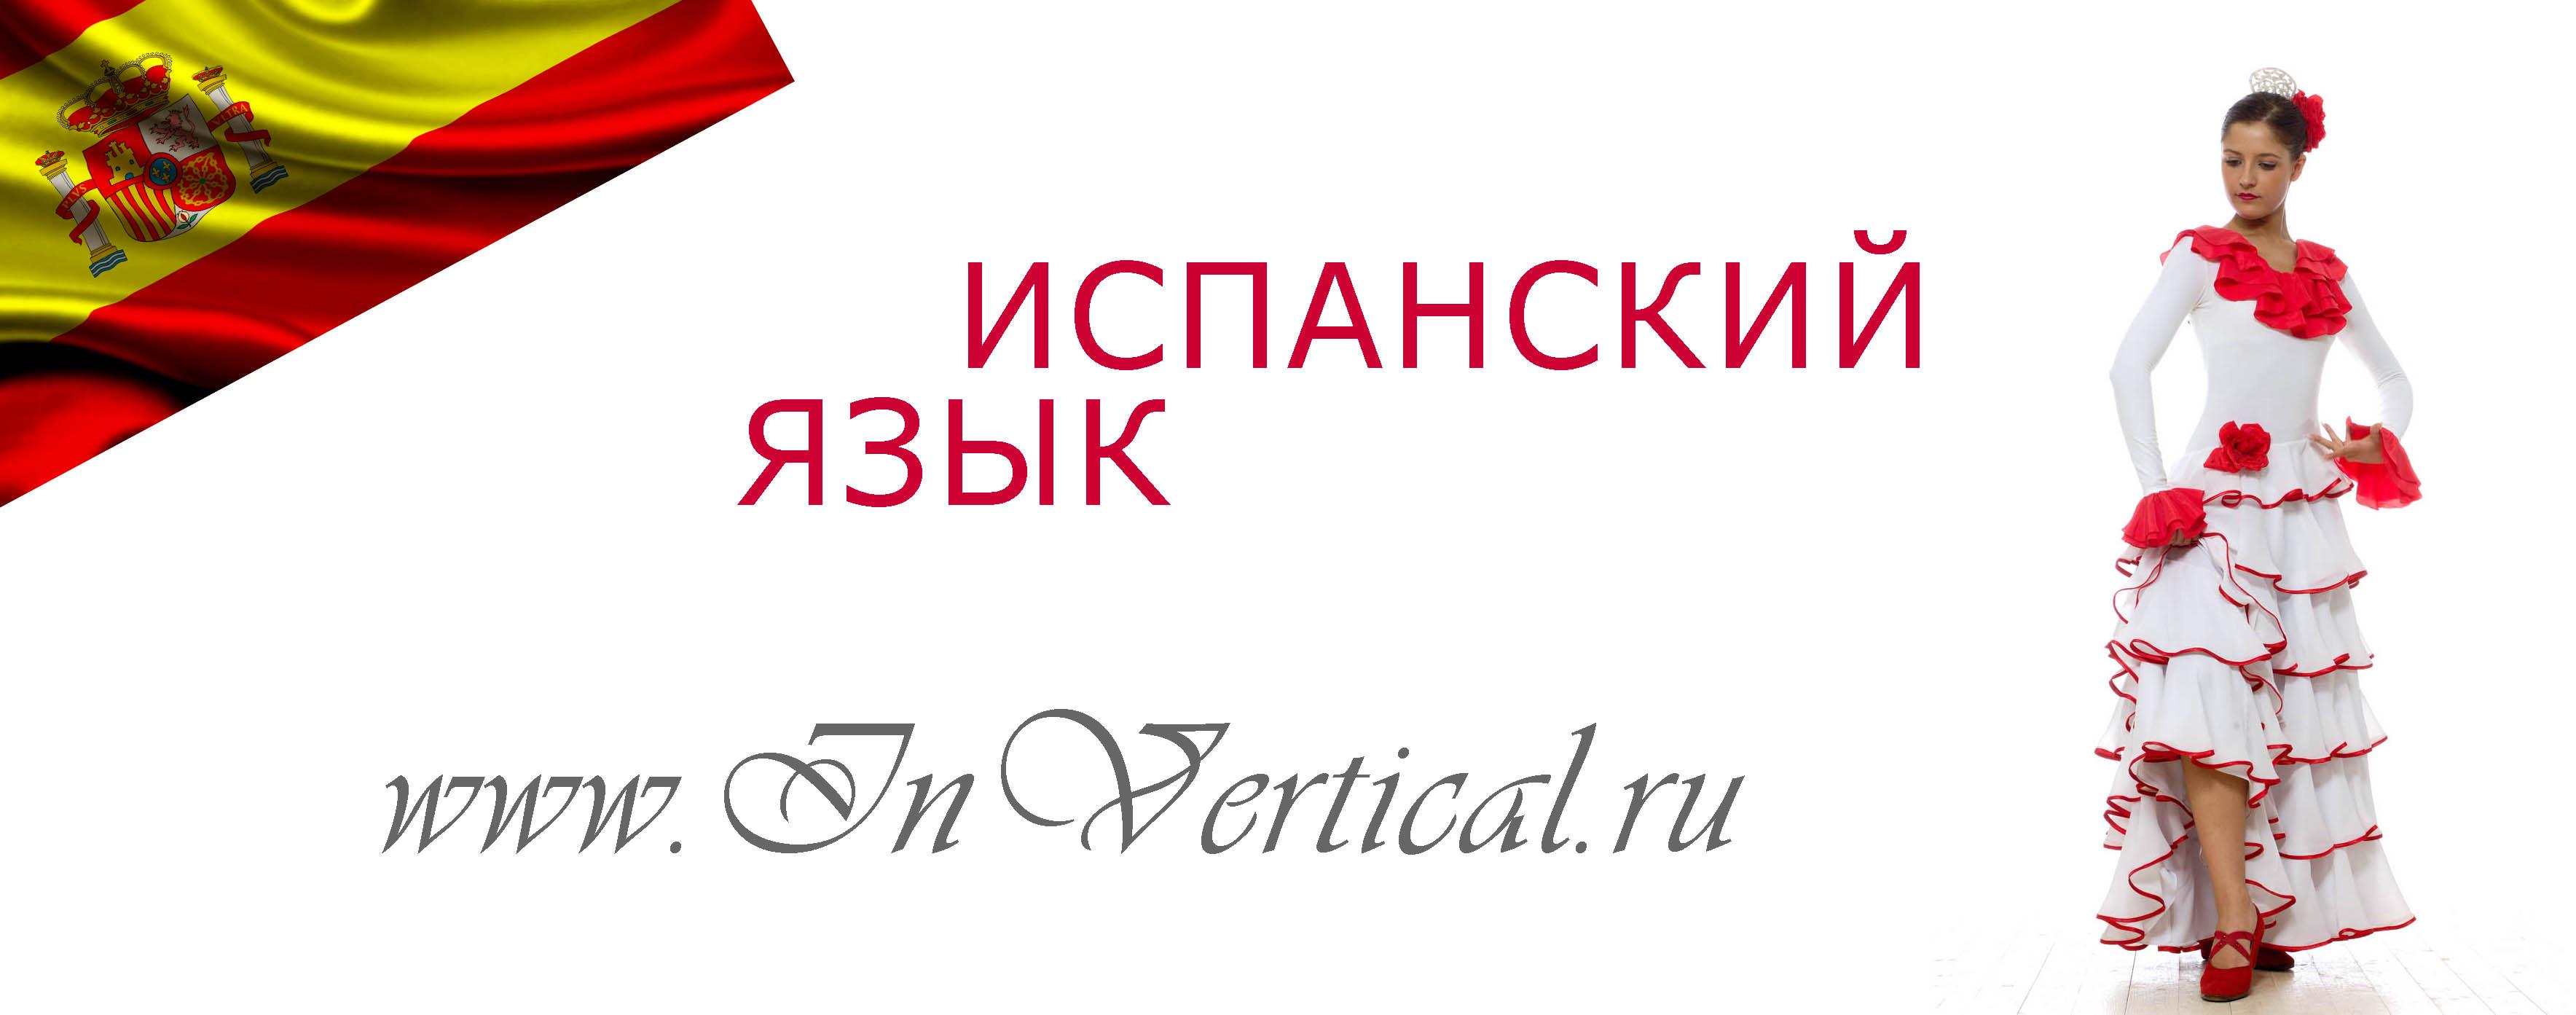 Испанский язык язык в Липецке, Языковая школа Вертикаль